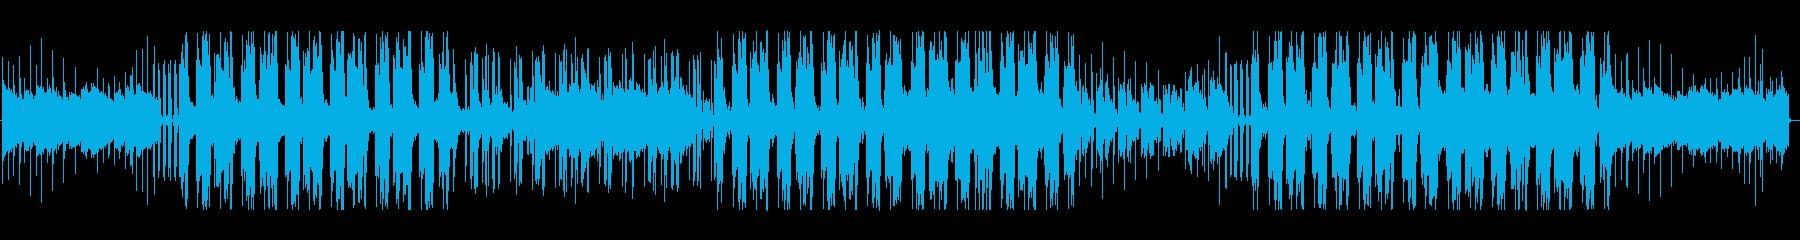 浮遊感のあるヒップホップの再生済みの波形